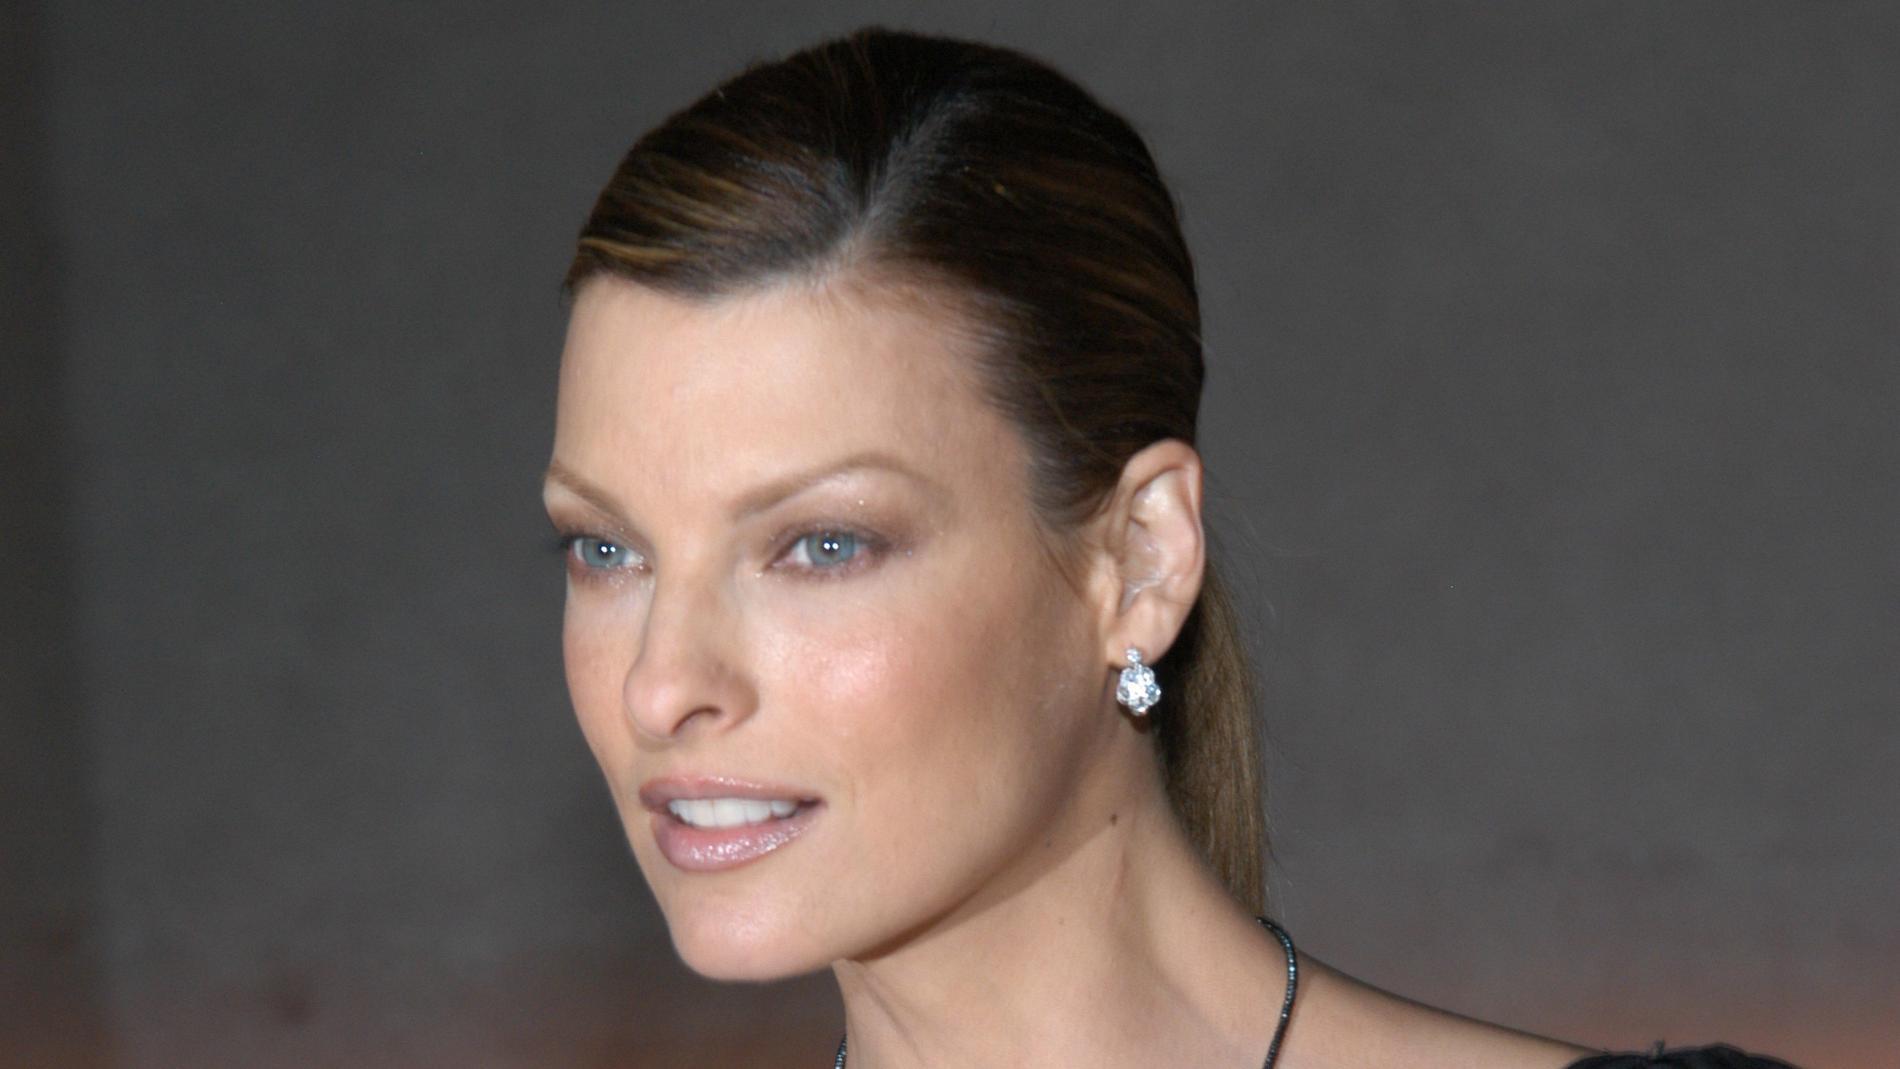 Linda Evangelista 2005, tio år innan hon säger sig ha fått sitt utseende förstört av ett ingrepp. Arkivbild.